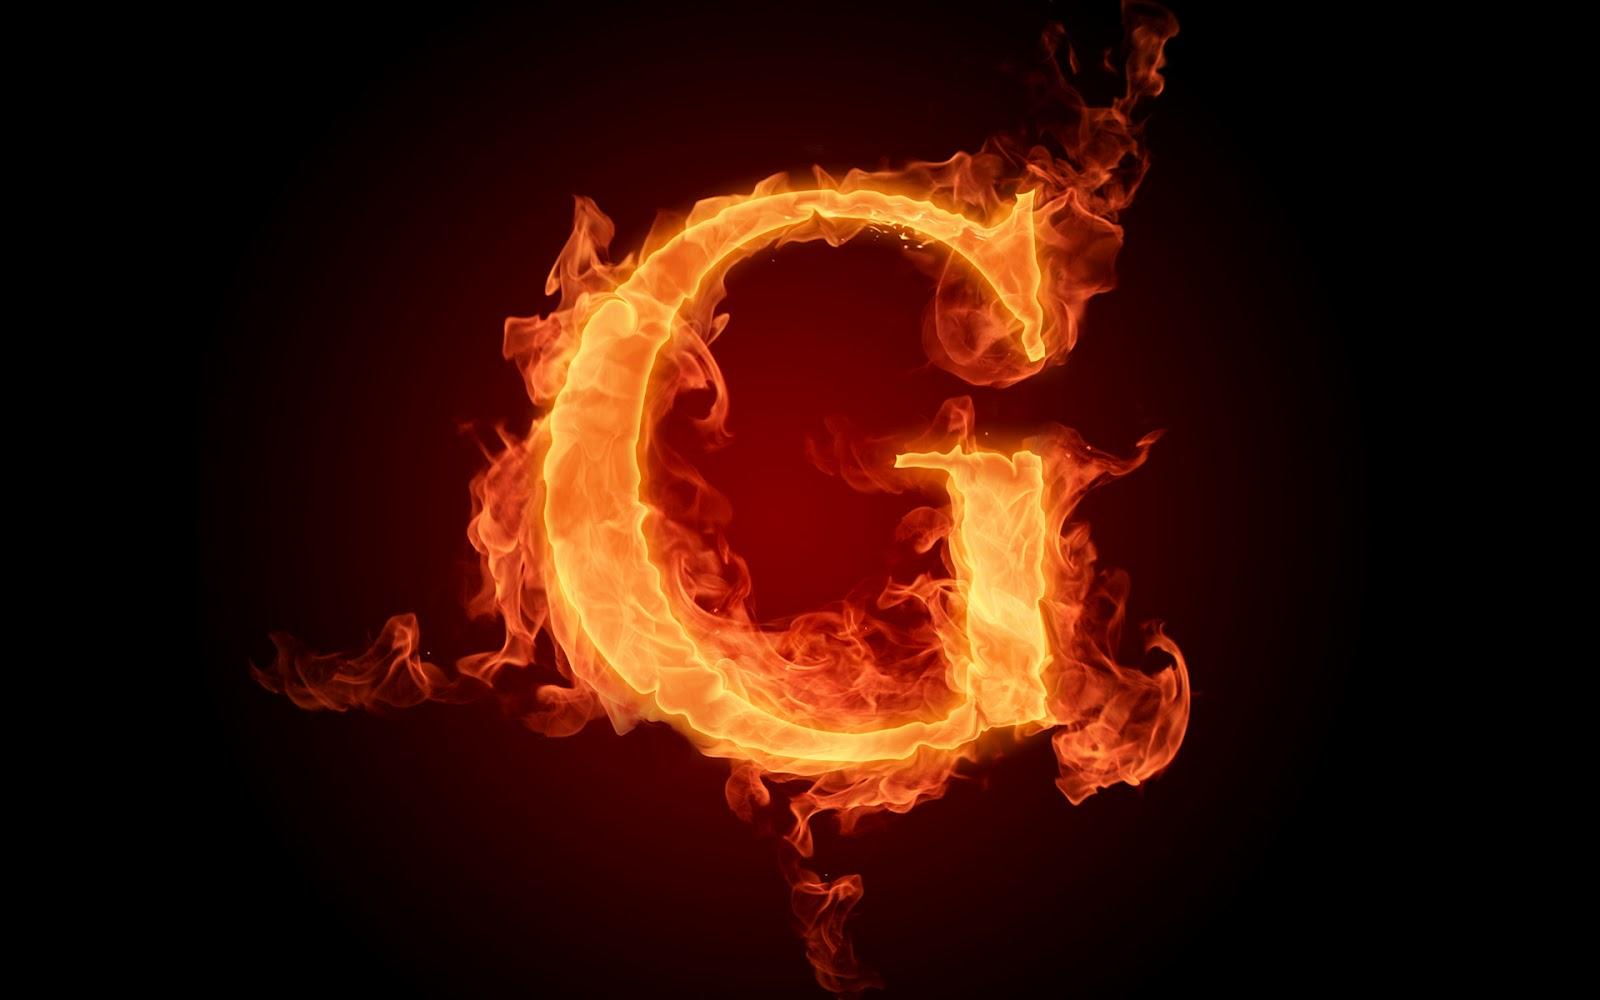 http://3.bp.blogspot.com/-aMEVKS6Dqb0/T0udUX7nAfI/AAAAAAAAM8w/cmEiKkaCV8A/s1600/the-fiery-english-alphabet-picture-g_1920x1200_73621.jpg